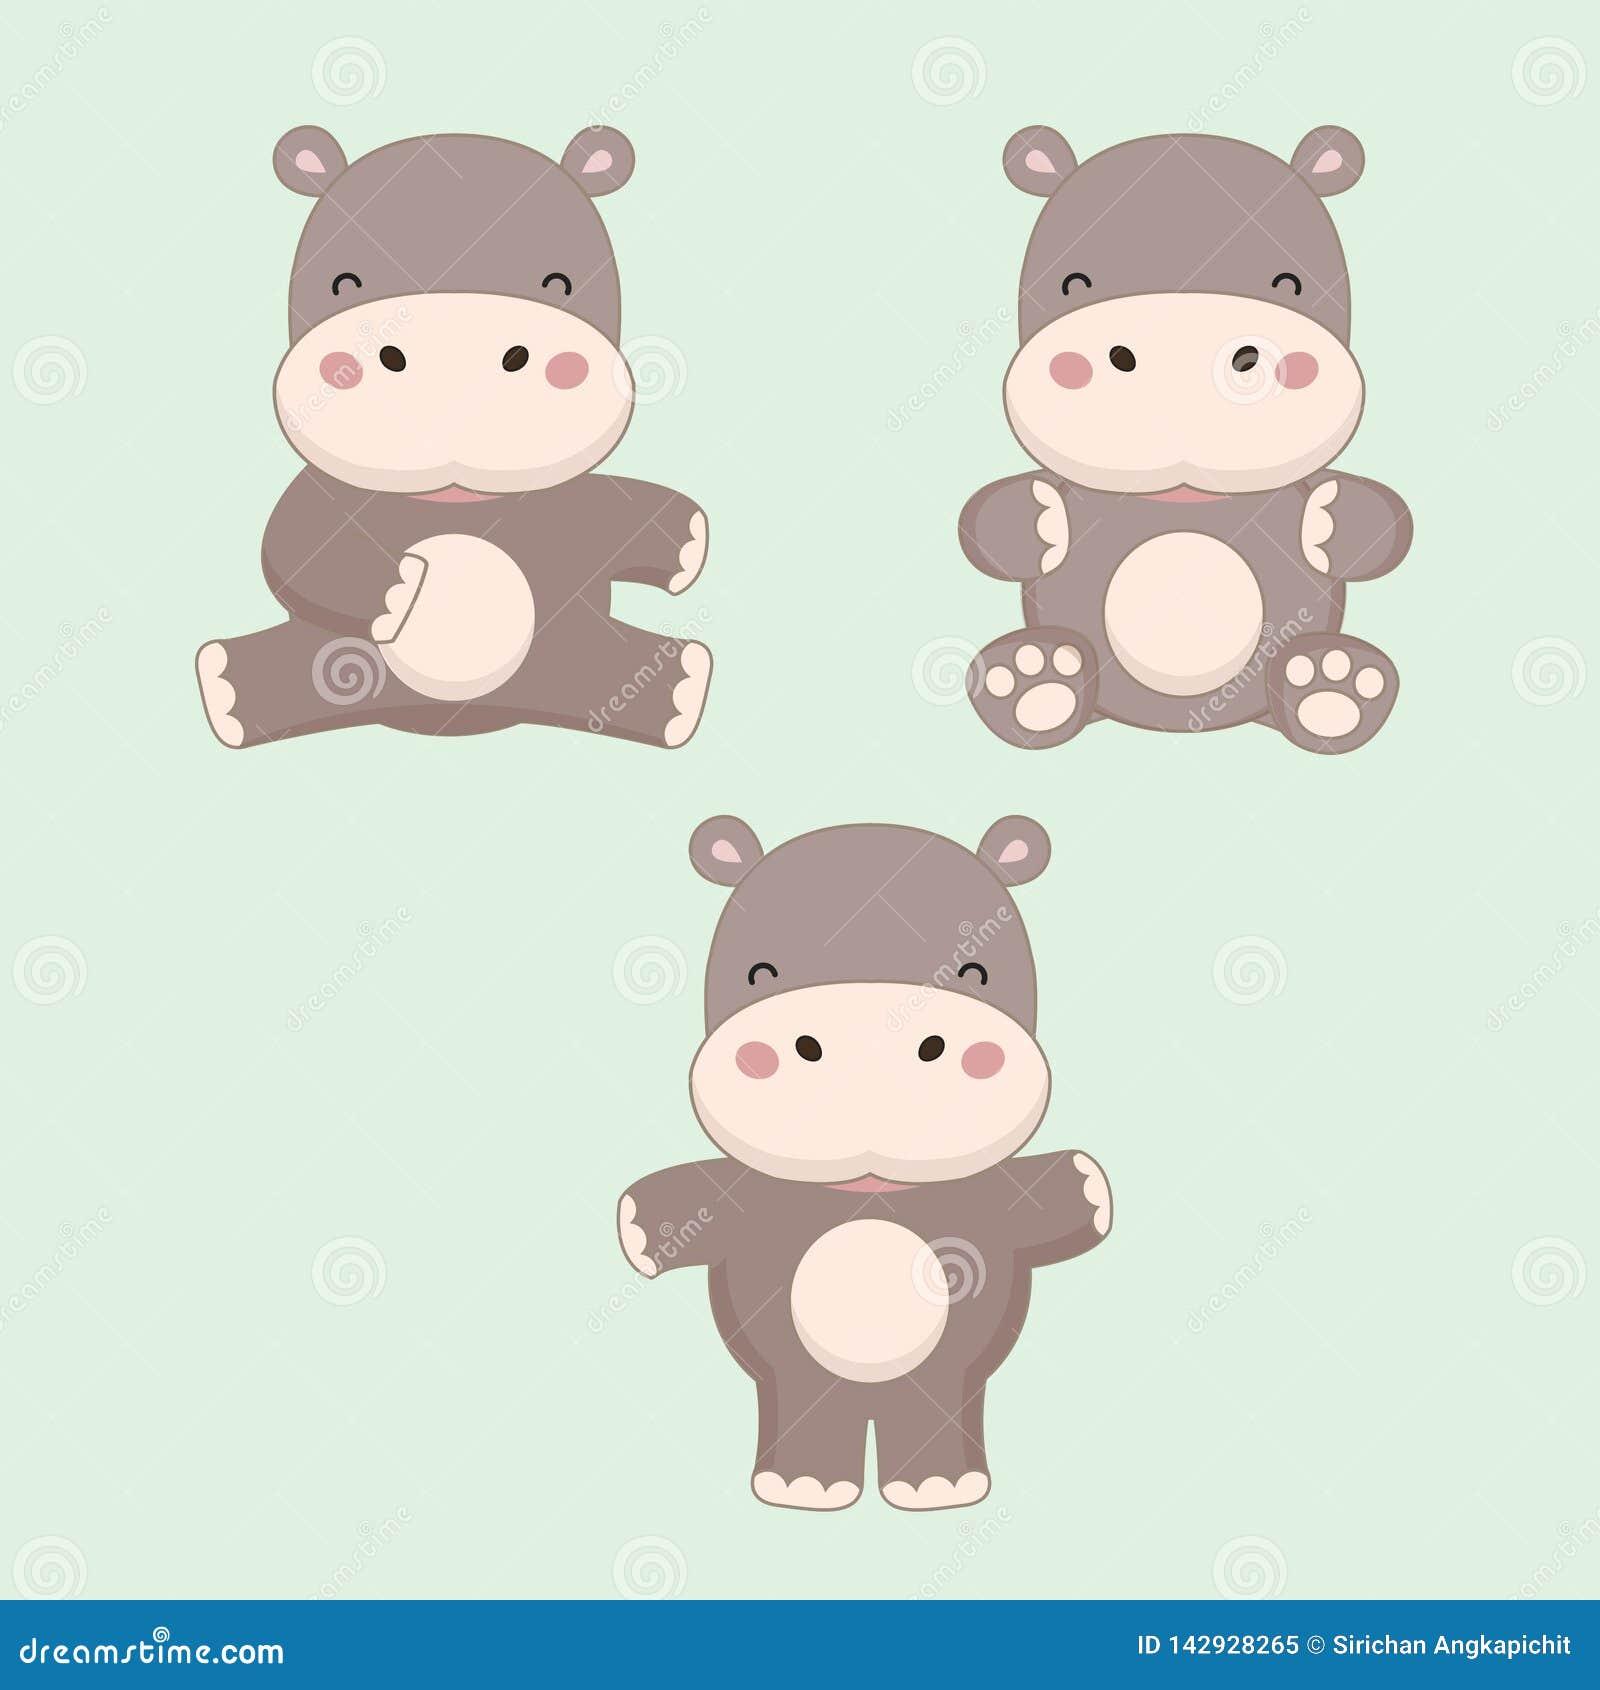 Little hippopotamus cartoon. Vector illustration